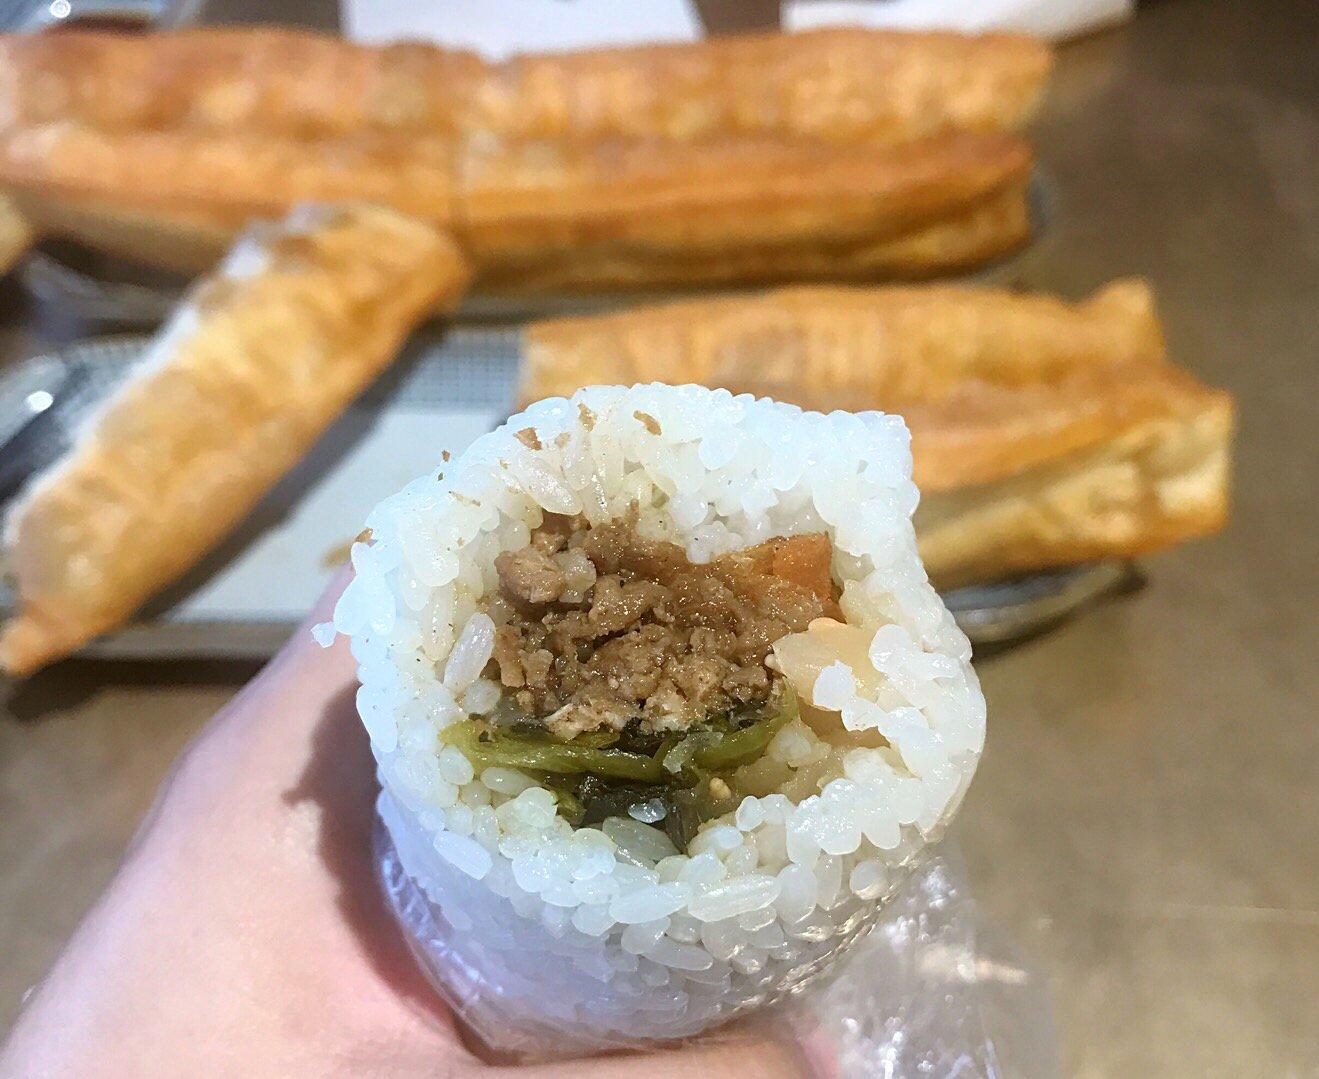 ����8_吃的还有五娭(ai)毑(jie),金记糖油佗佗店没有去.